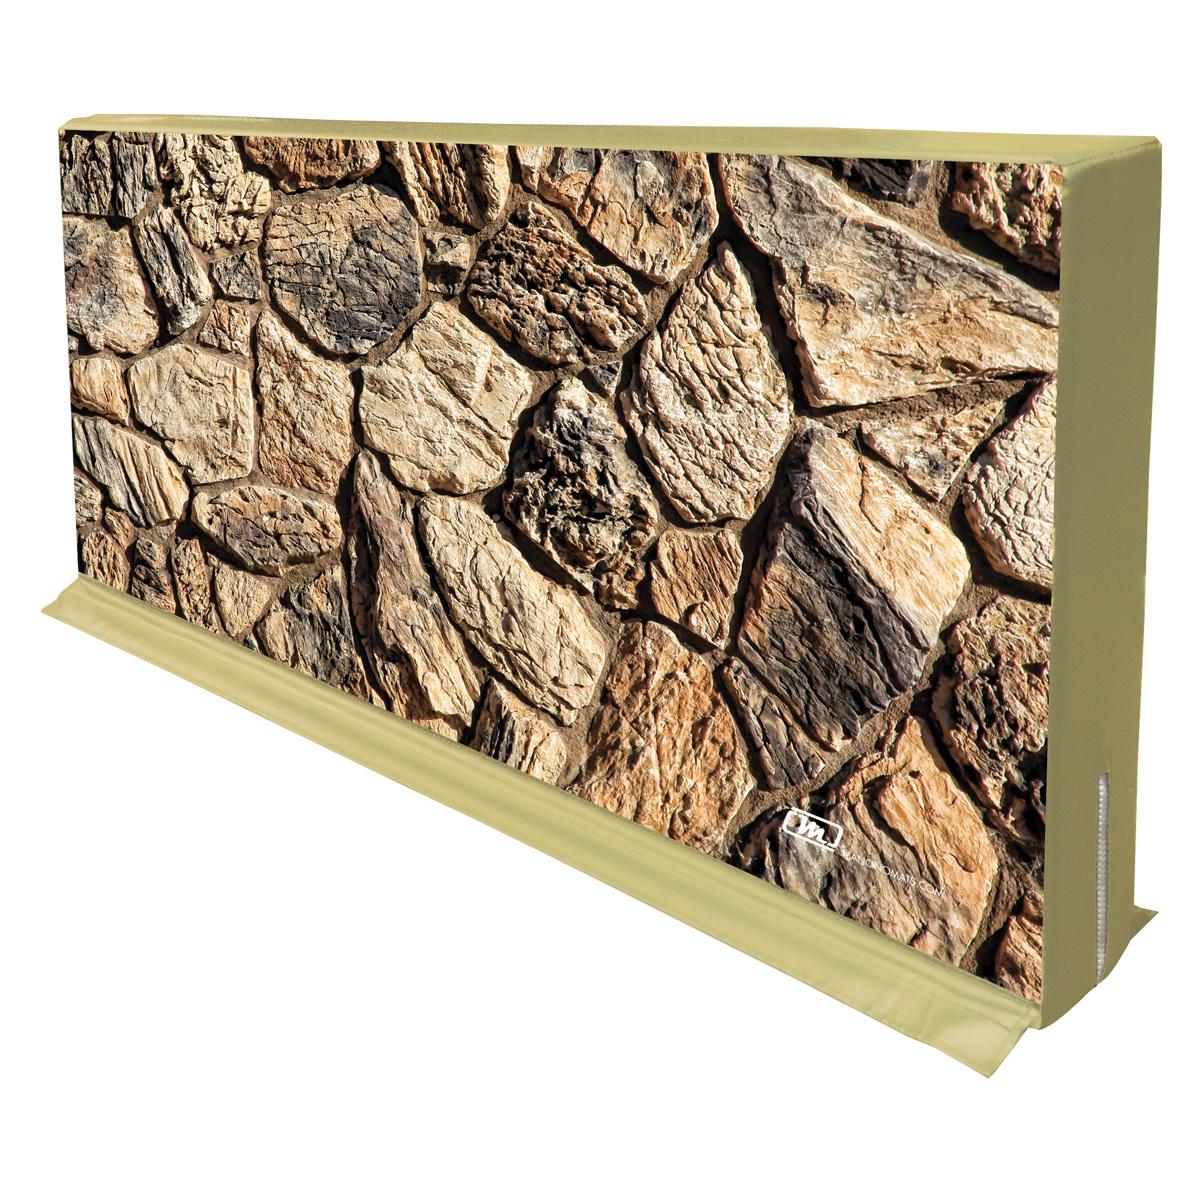 mancino mats rock wall partition divider for gymnastics circuits